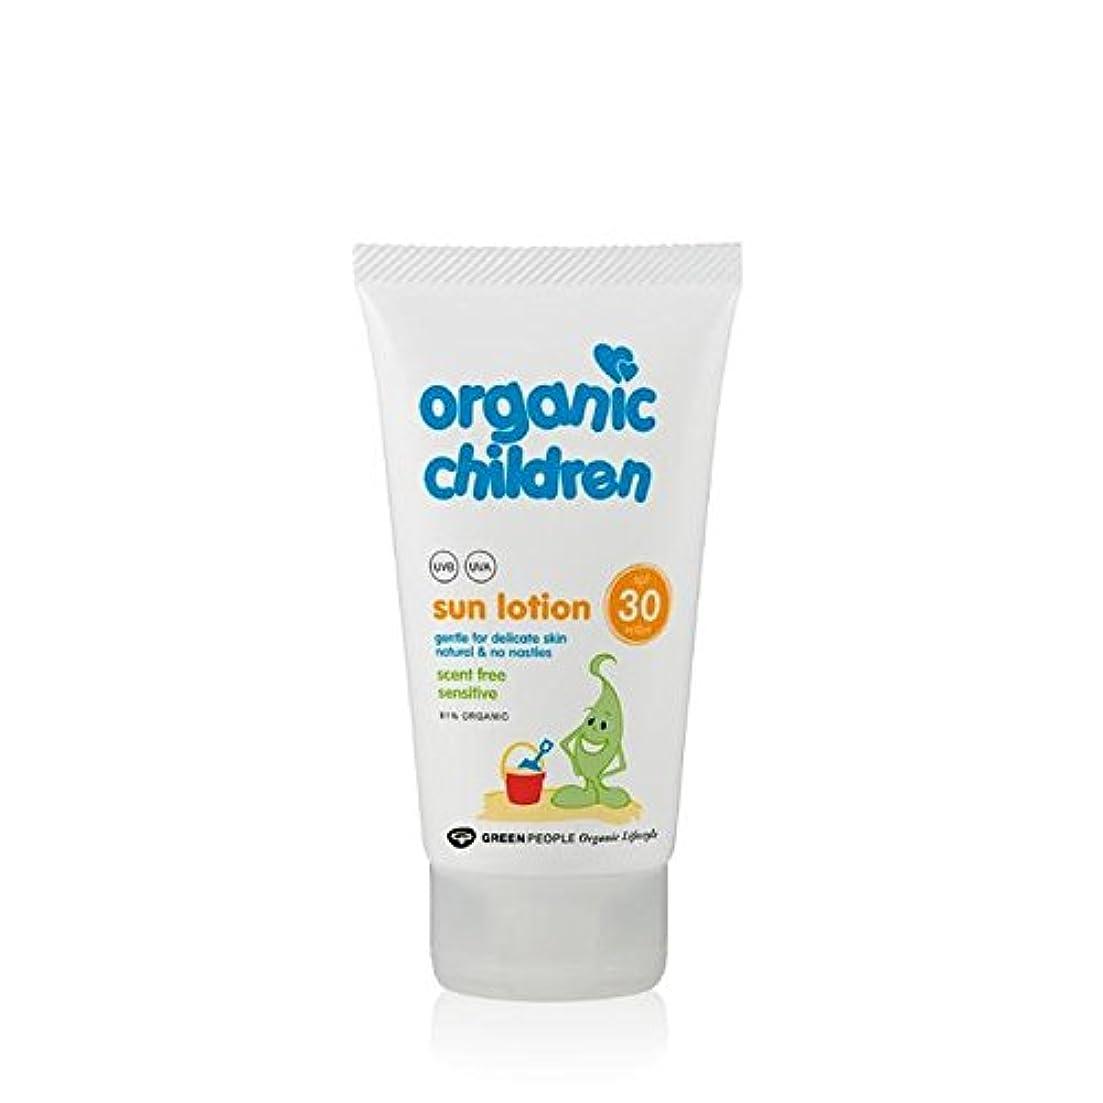 遅らせるこれら段階有機子ども30の香り無料のサンローション150 x4 - Organic Children SPF30 Scent Free Sun Lotion 150ml (Pack of 4) [並行輸入品]